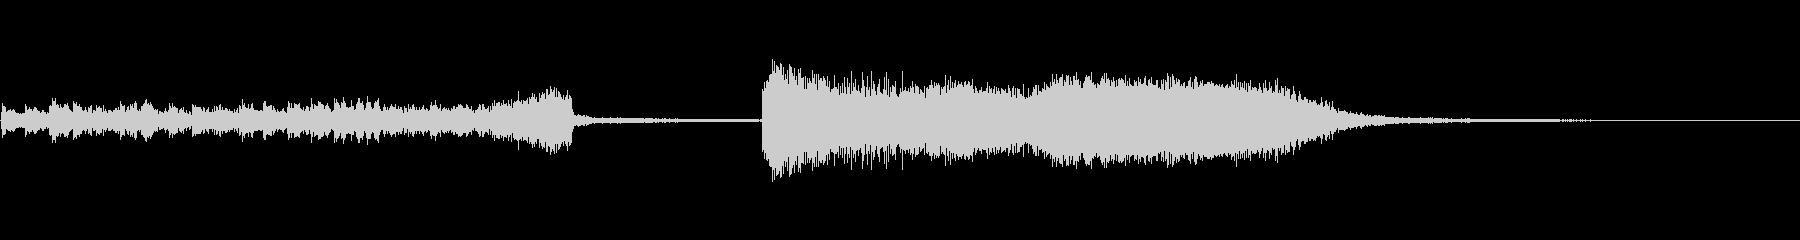 電子音のスロット、ガチャ系ファンファーレの未再生の波形